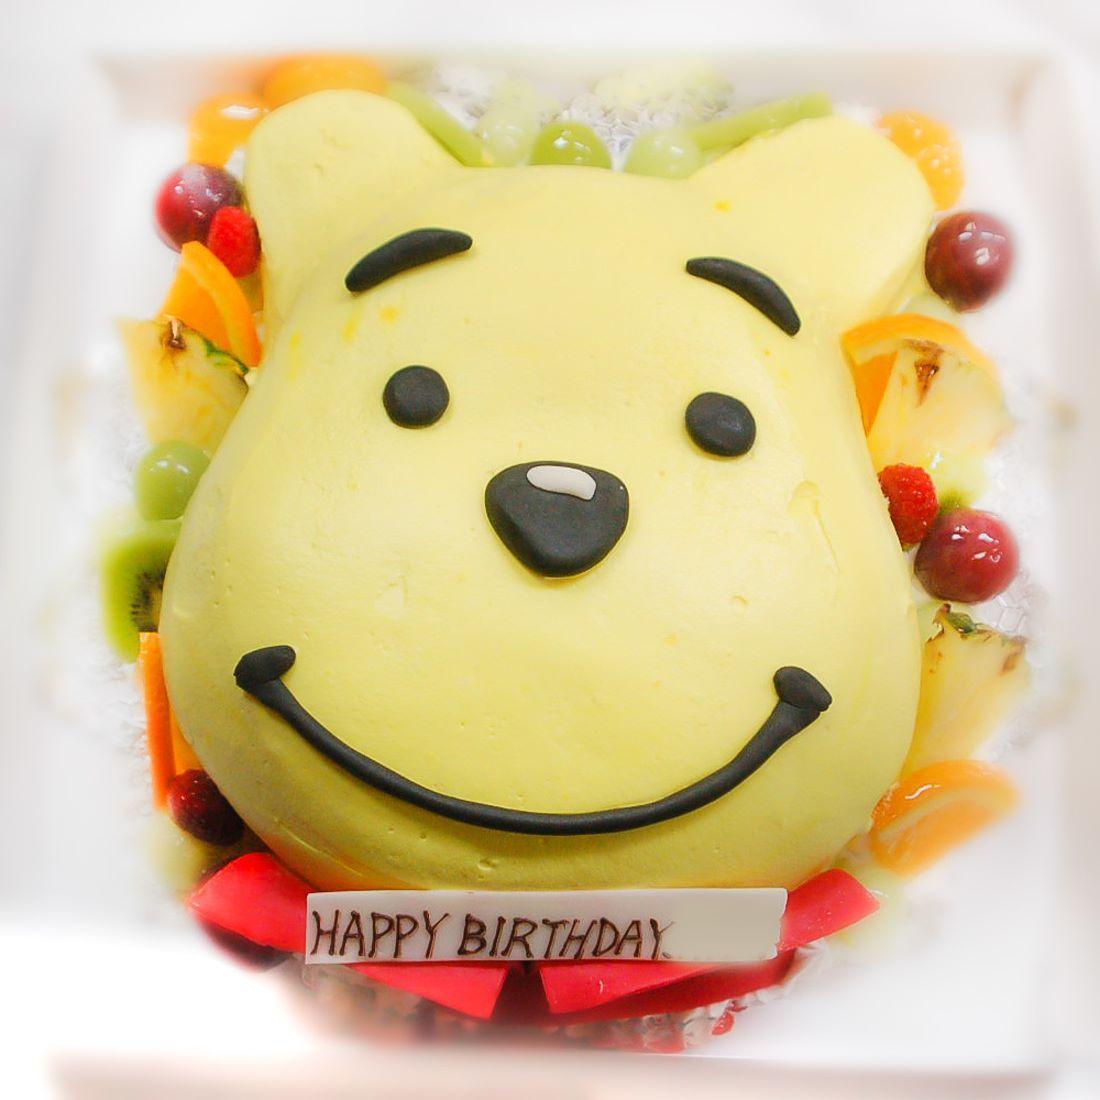 プーさん立体ケーキ プーさん 立体ケーキ キャラクターケーキ